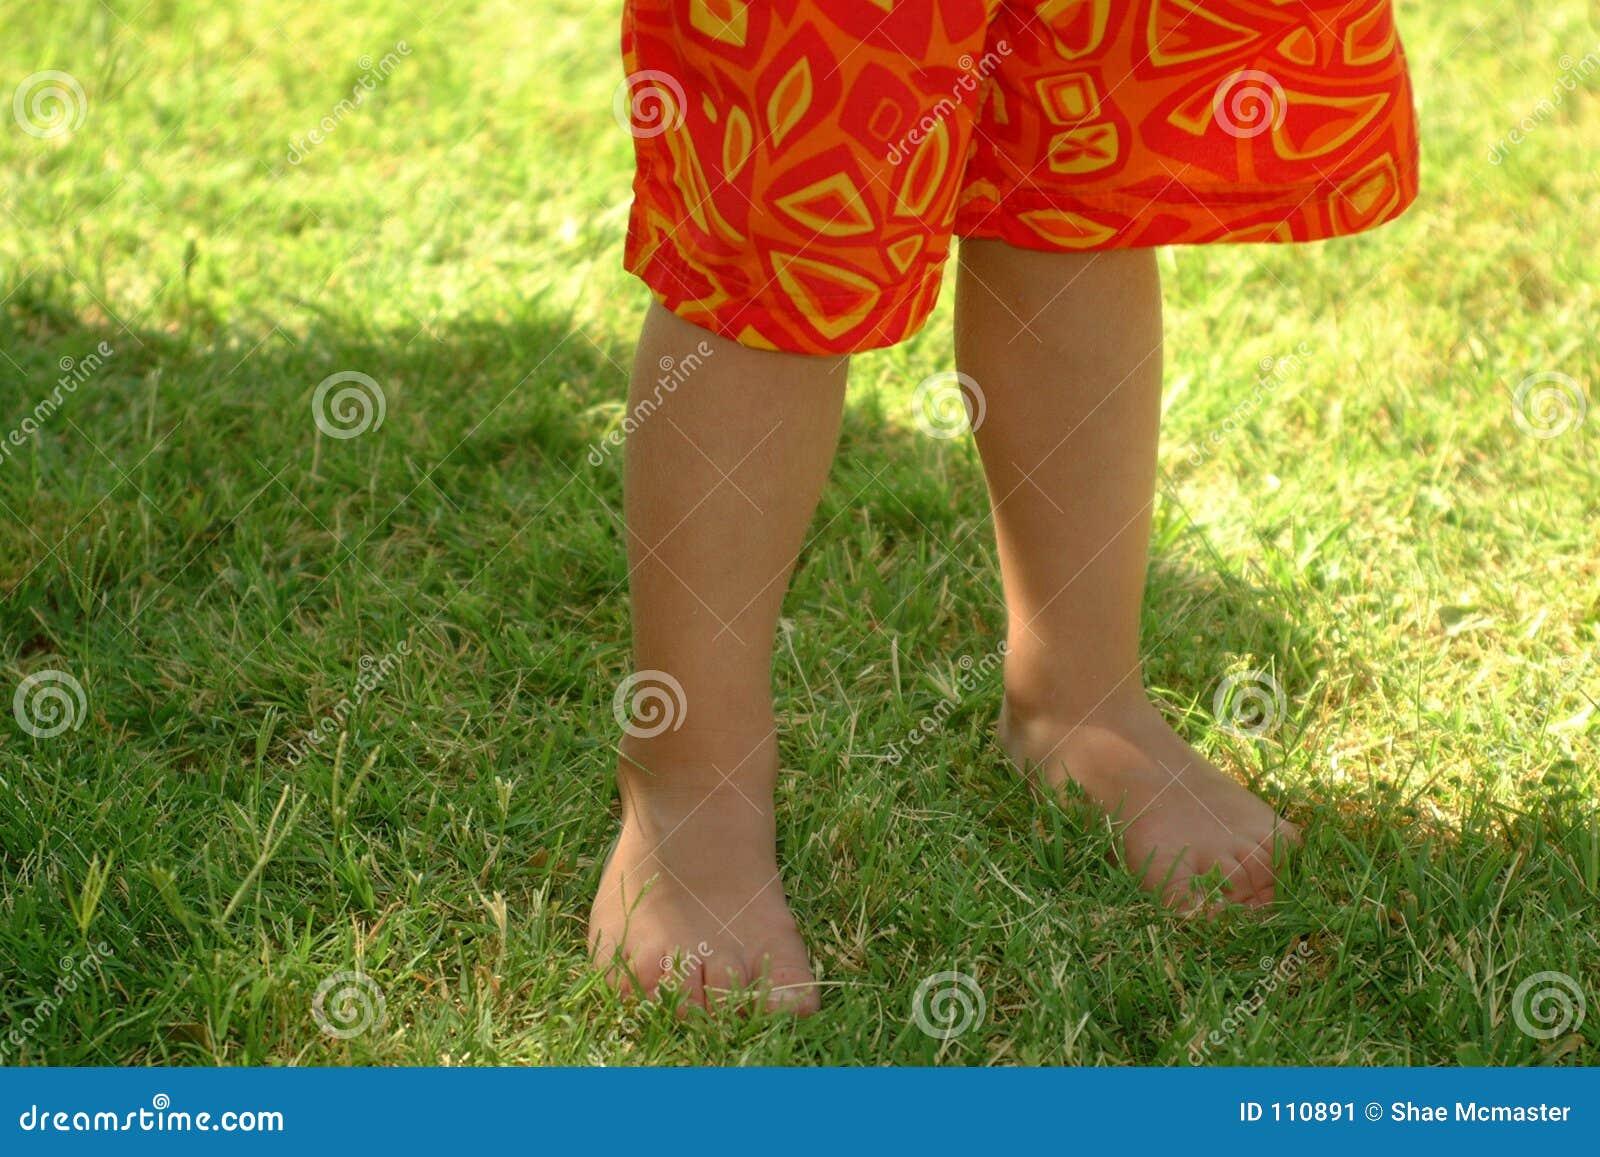 Summer Trunks